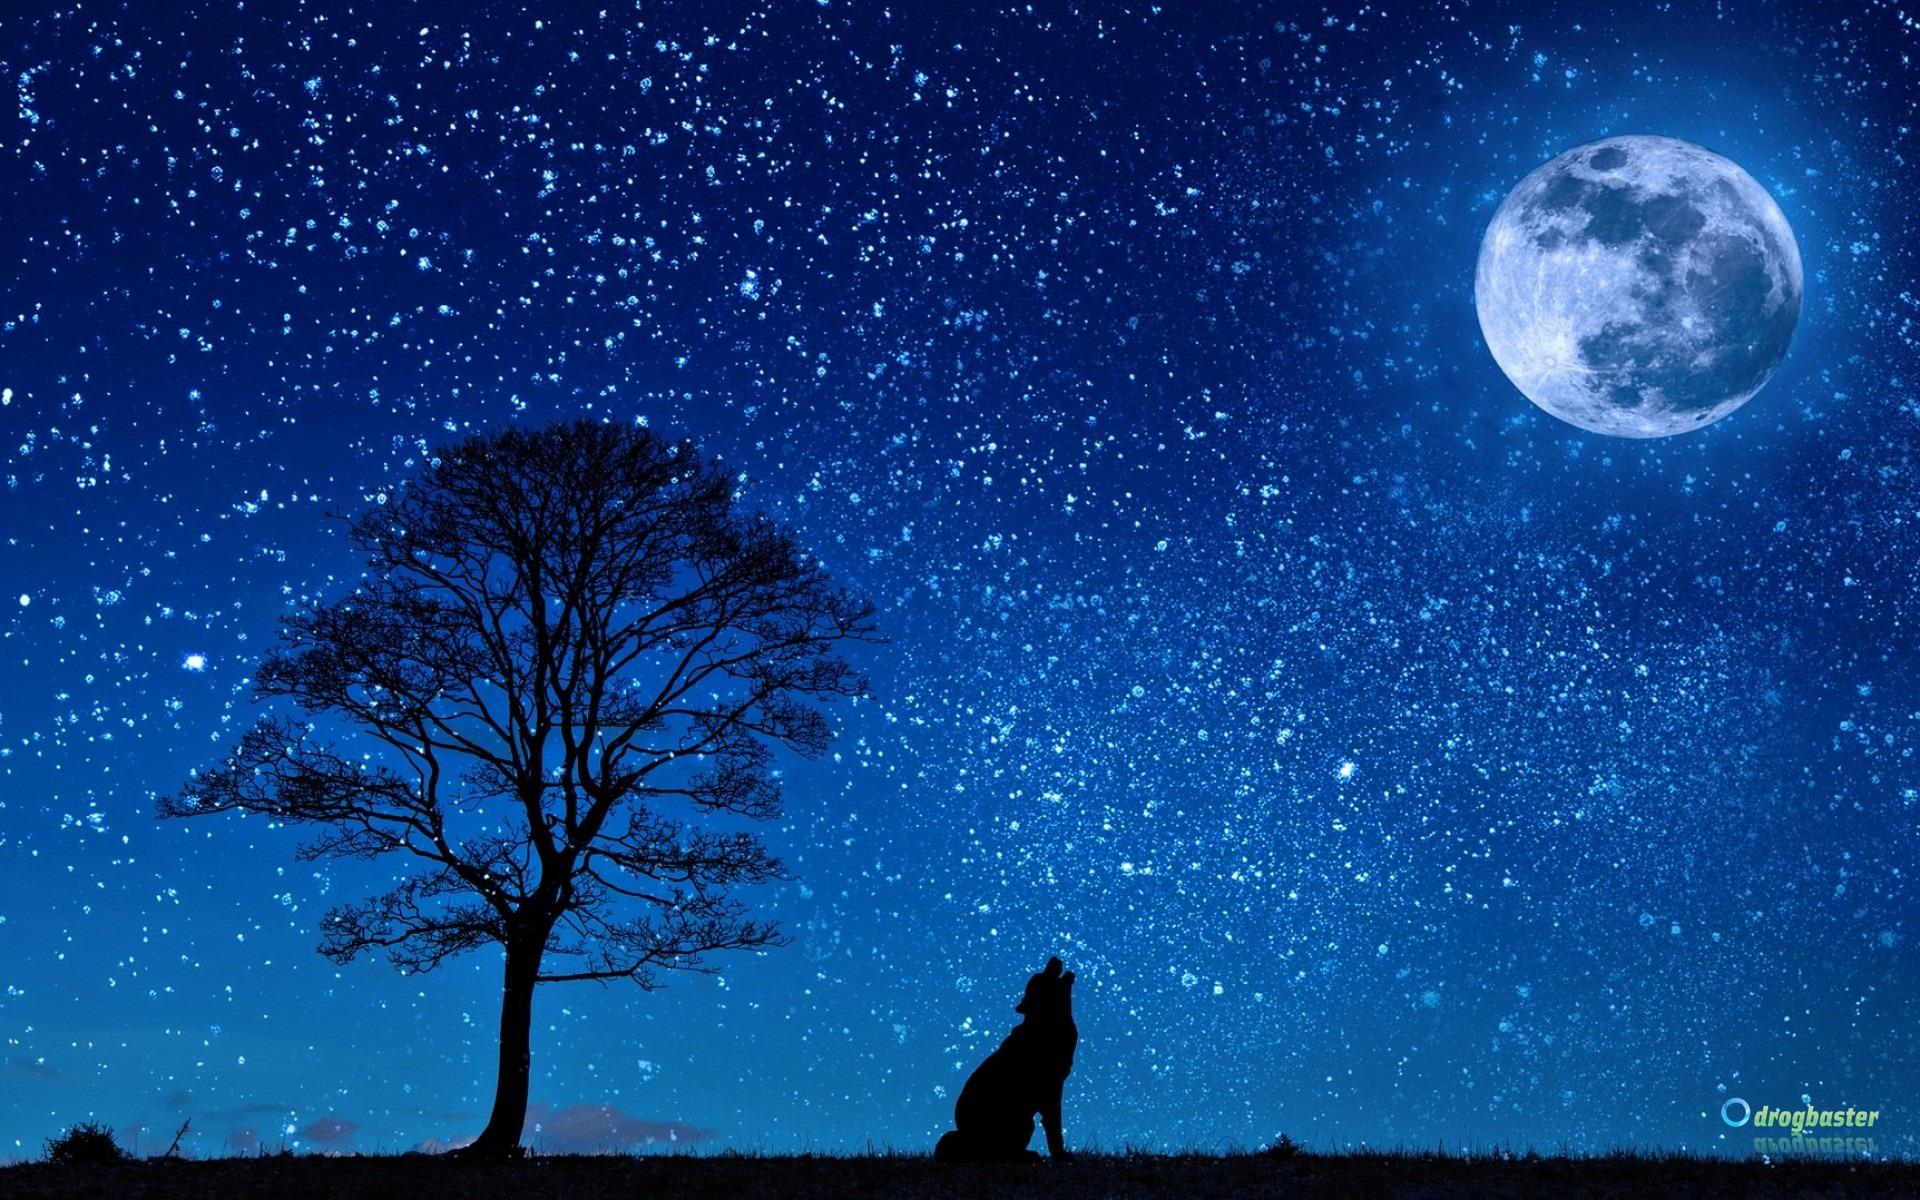 Sfondi Di Paesaggi Notturni Città Di Notte